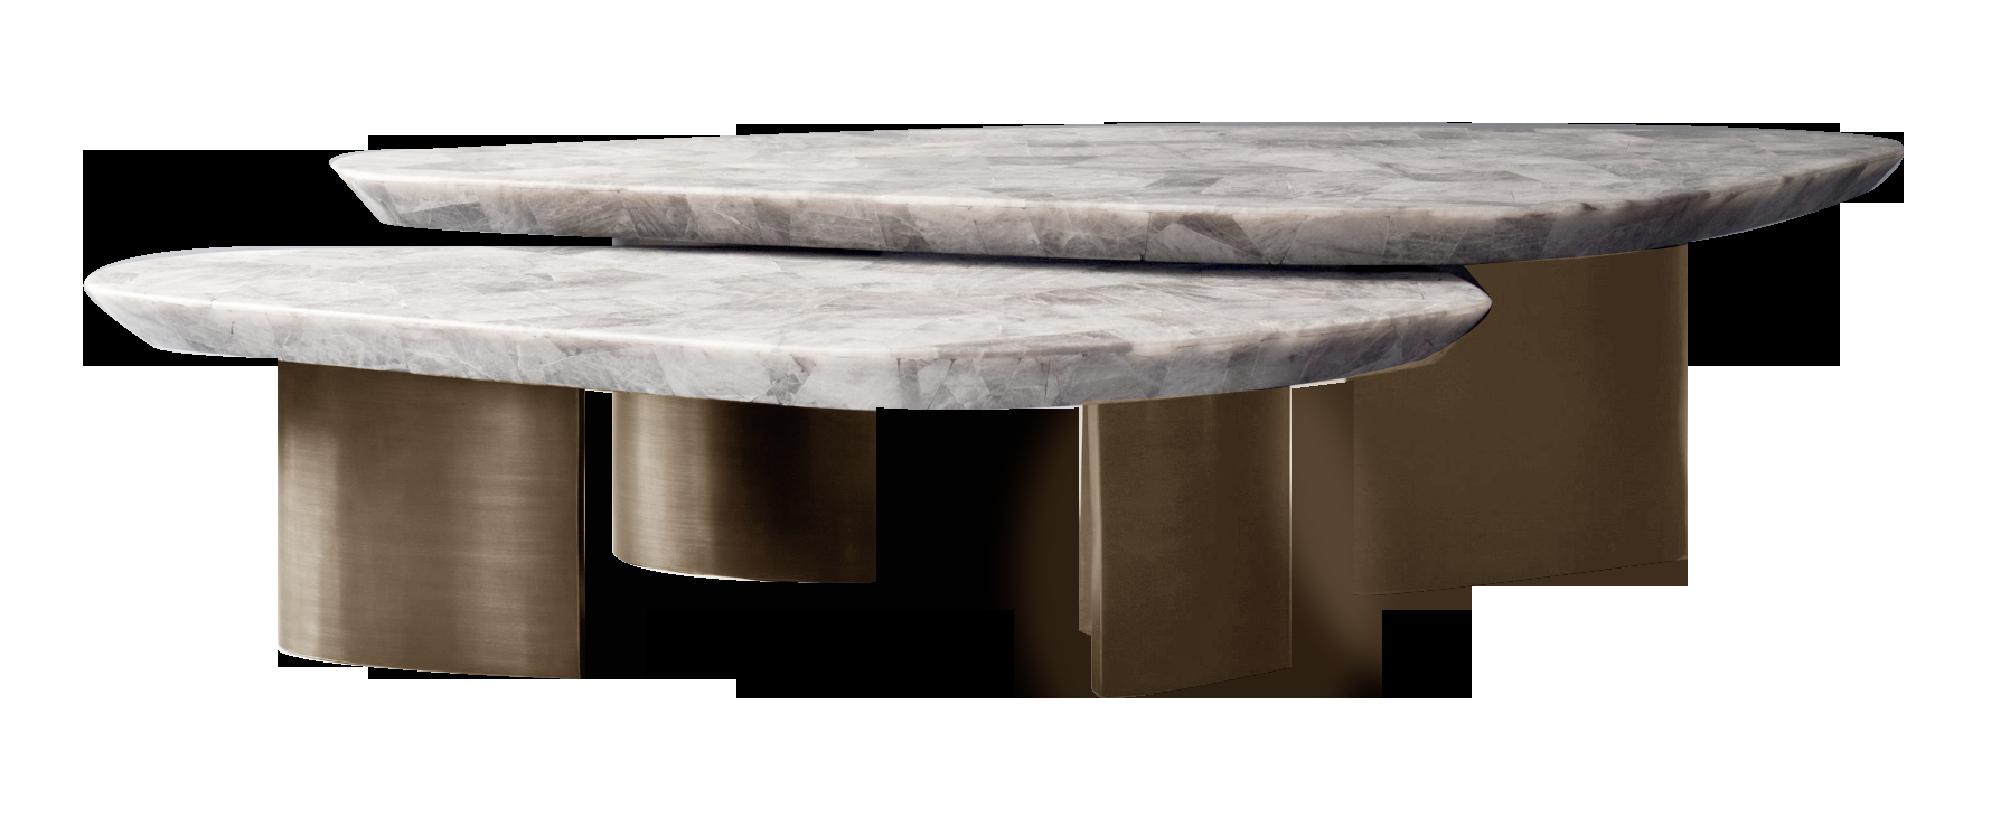 Vends Table Basse Roche Bobois En Bois Et Verre 130x130 Hauteur 38 Cm Table Basse Roche Bobois Table Basse Table